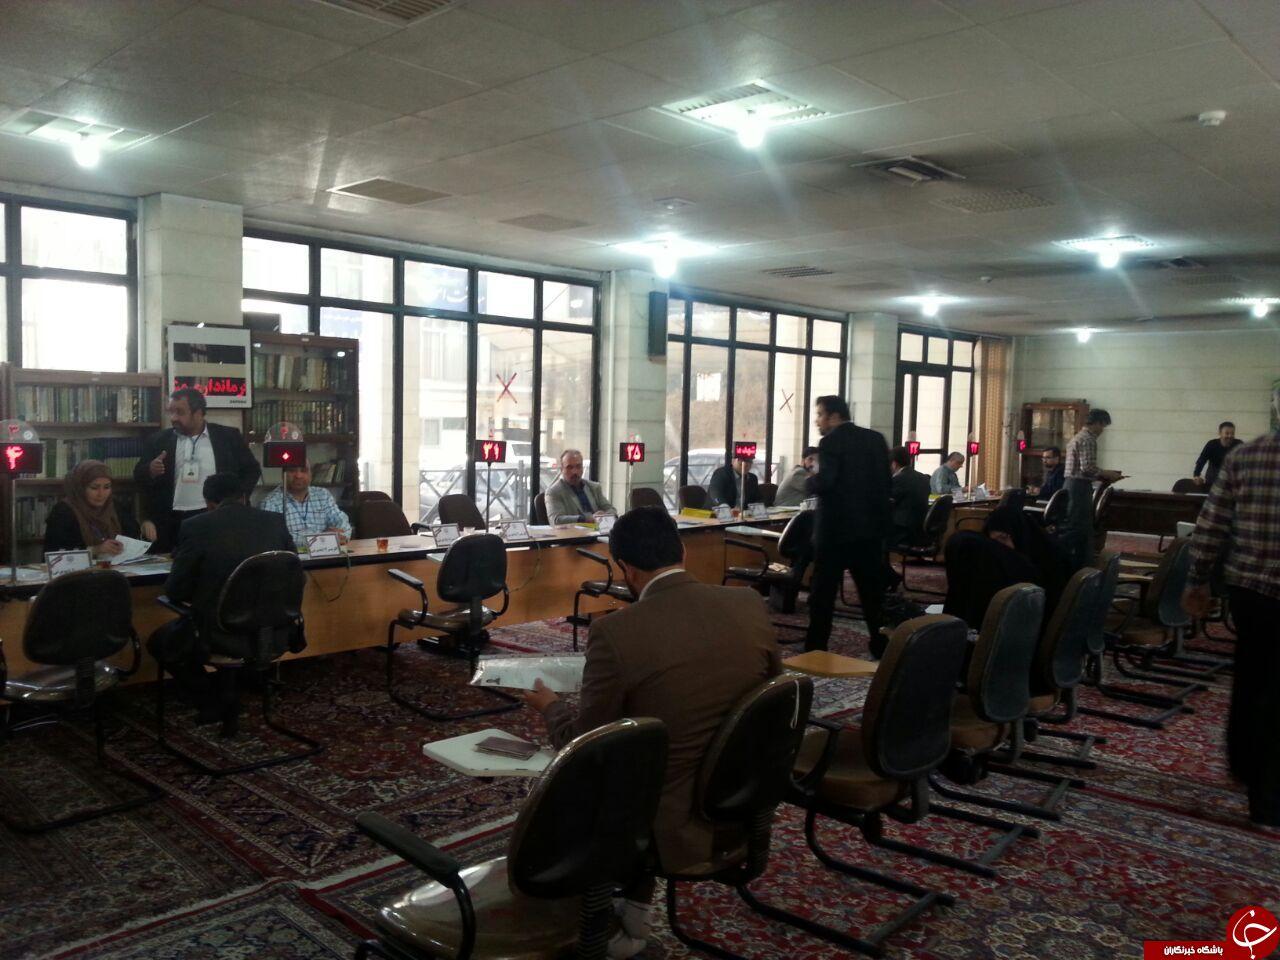 دو هزار و دویست نفر متقاضی شرکت در انتخابات شوراها